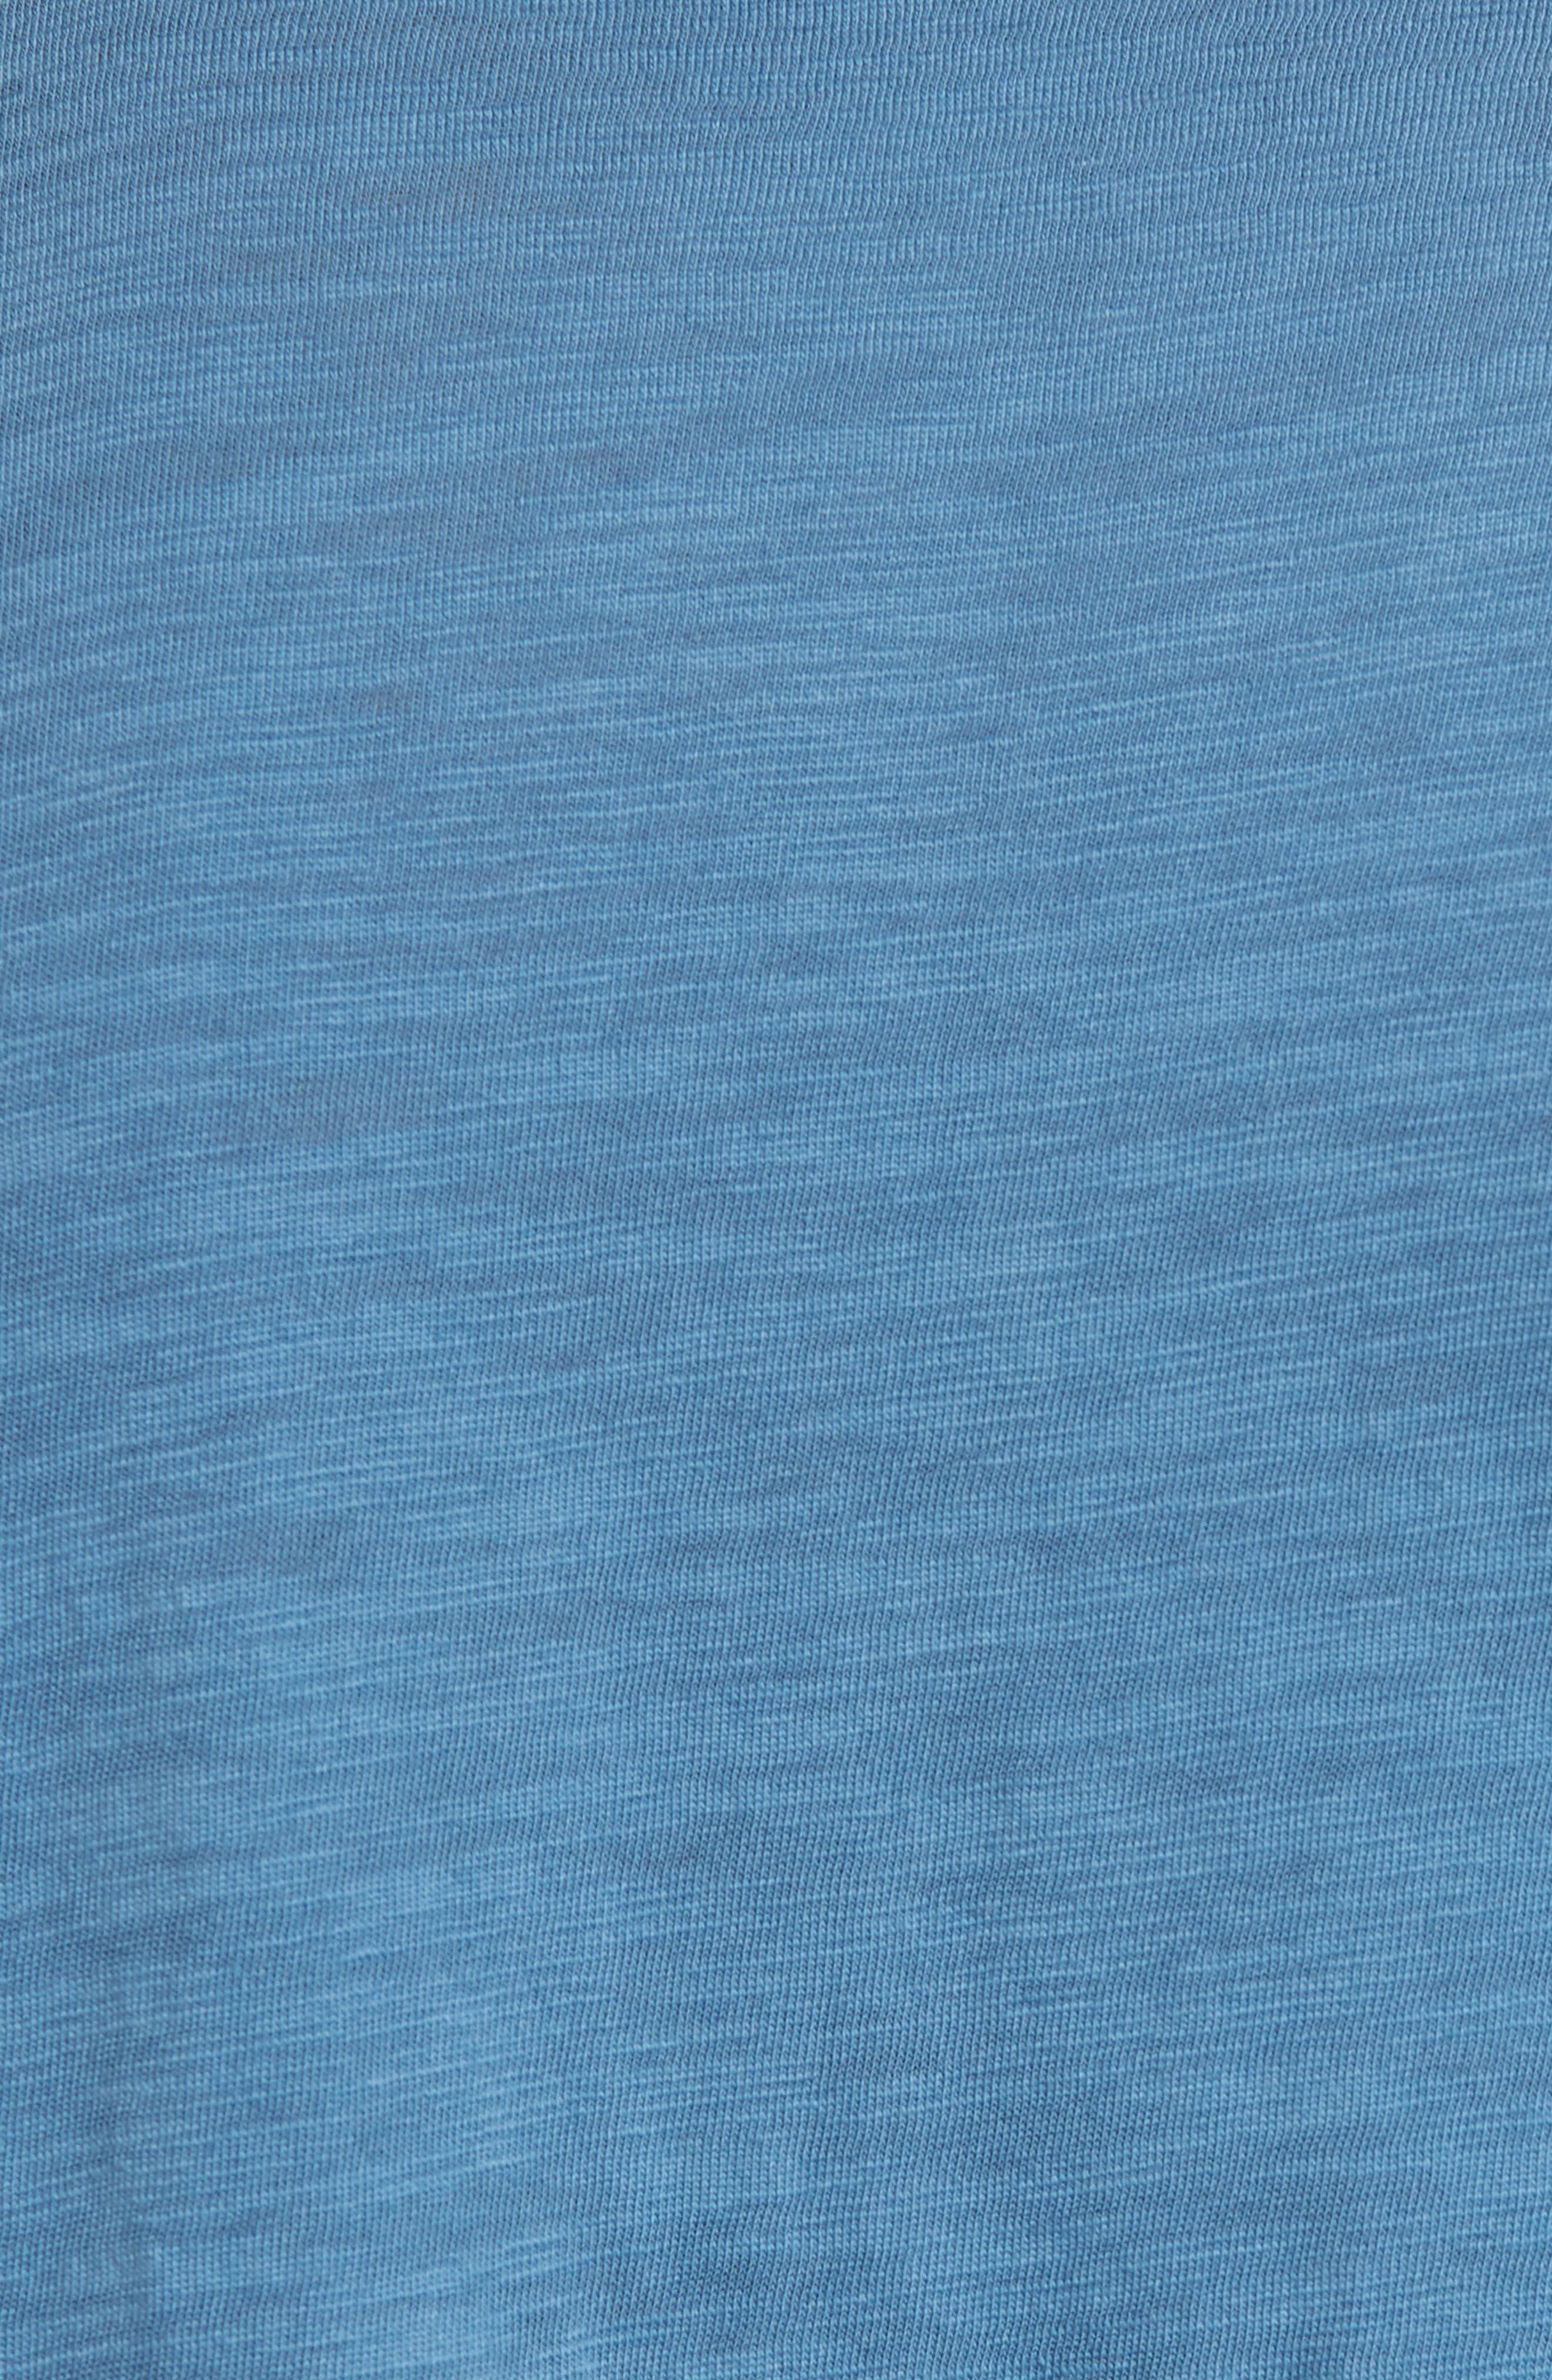 Slim Fit Slub V-Neck T-Shirt,                             Alternate thumbnail 9, color,